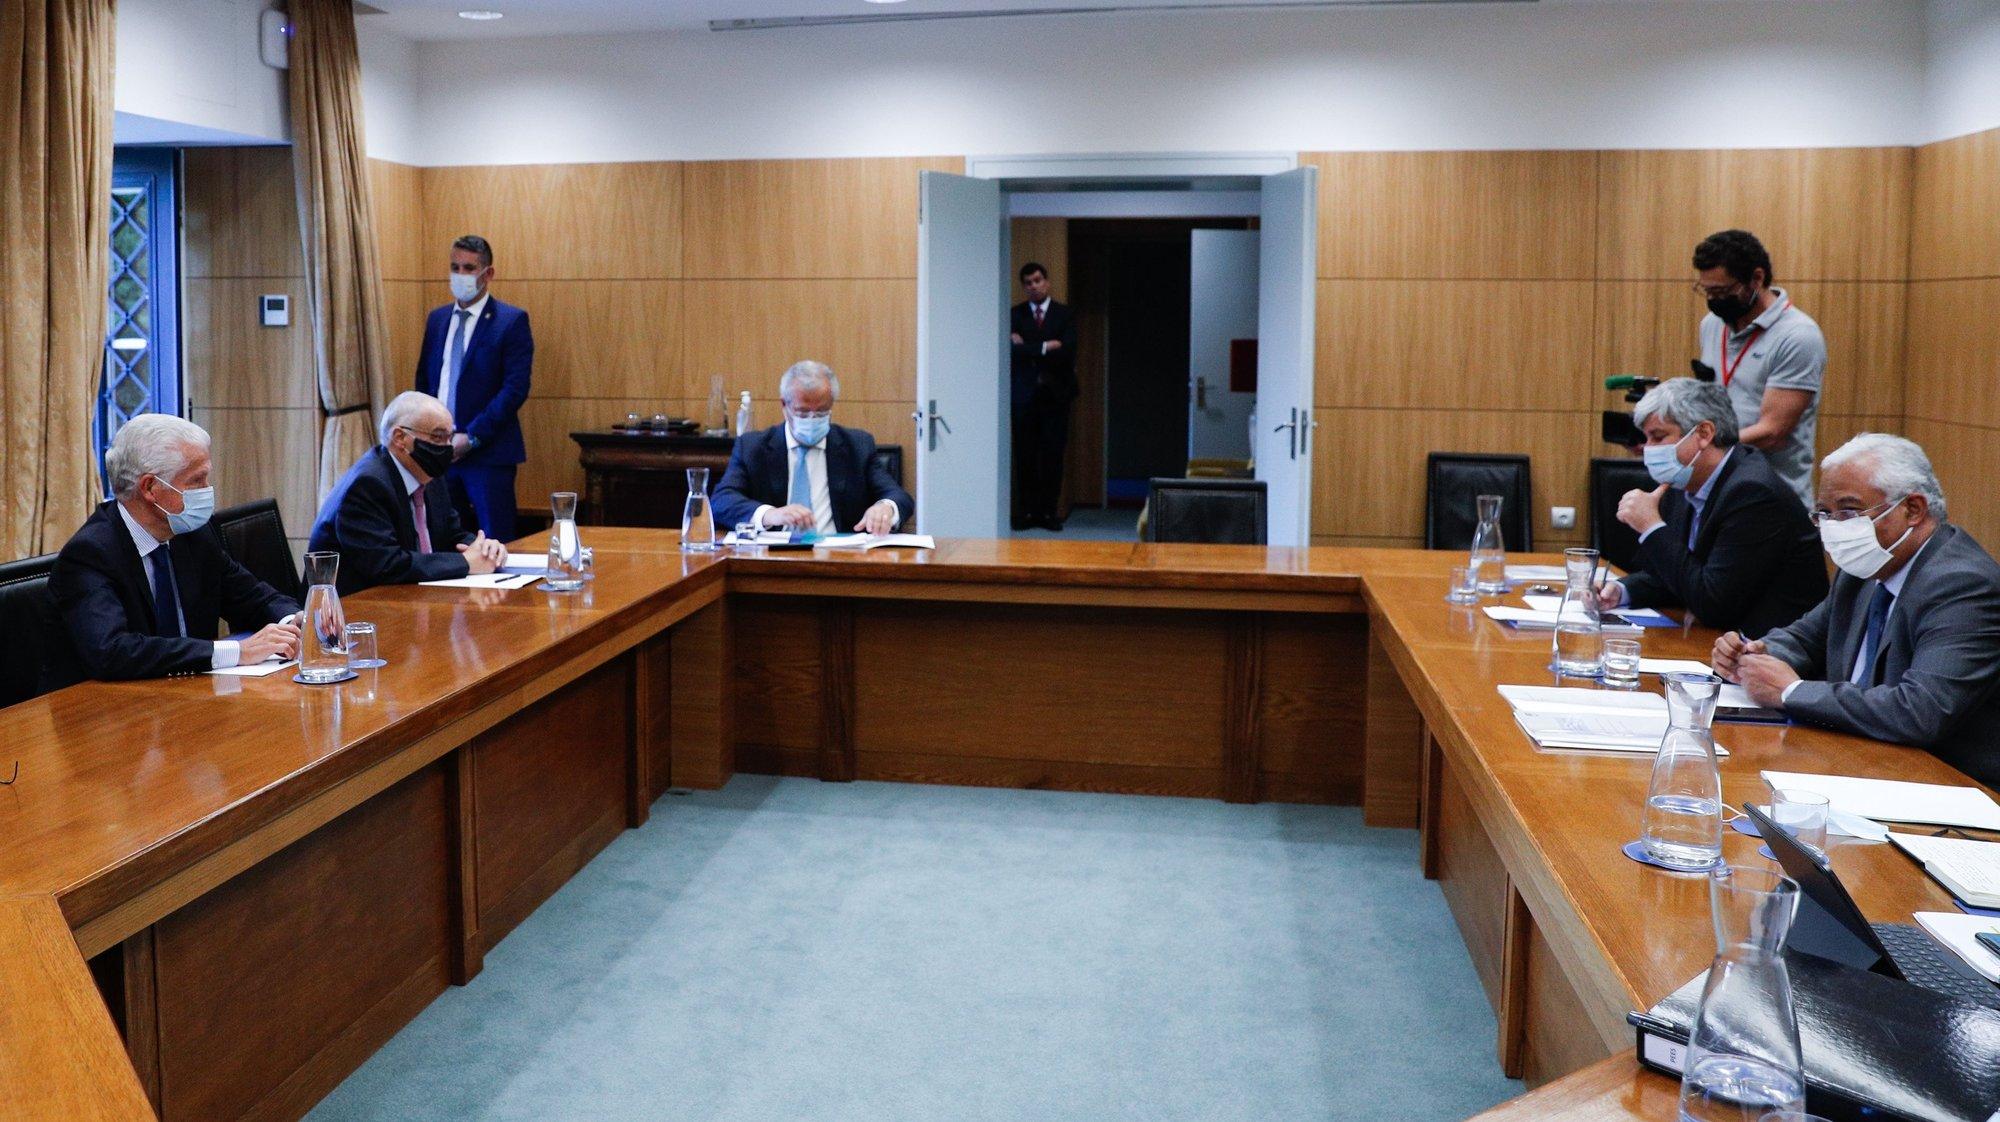 O primeiro-ministro, António Costa (D), acompanhado pelo ministro das Finanças, Mário Centeno (2-D), recebe na residência oficial de S. Bento representantes  da CCP (Confederação do Comércio e Serviços de Portugal), CIP (Confederação Empresarial de Portugal), CAP (Confederação dos Agricultores de Portugal) e CTP (Confederação do Turismo de Portugal), Lisboa, 27 de maio de 2020. Desde o dia 03 de maio, o país entrou em situação de calamidade, depois de três períodos consecutivos em estado de emergência desde 19 de março. ANTÓNIO COTRIM/LUSA